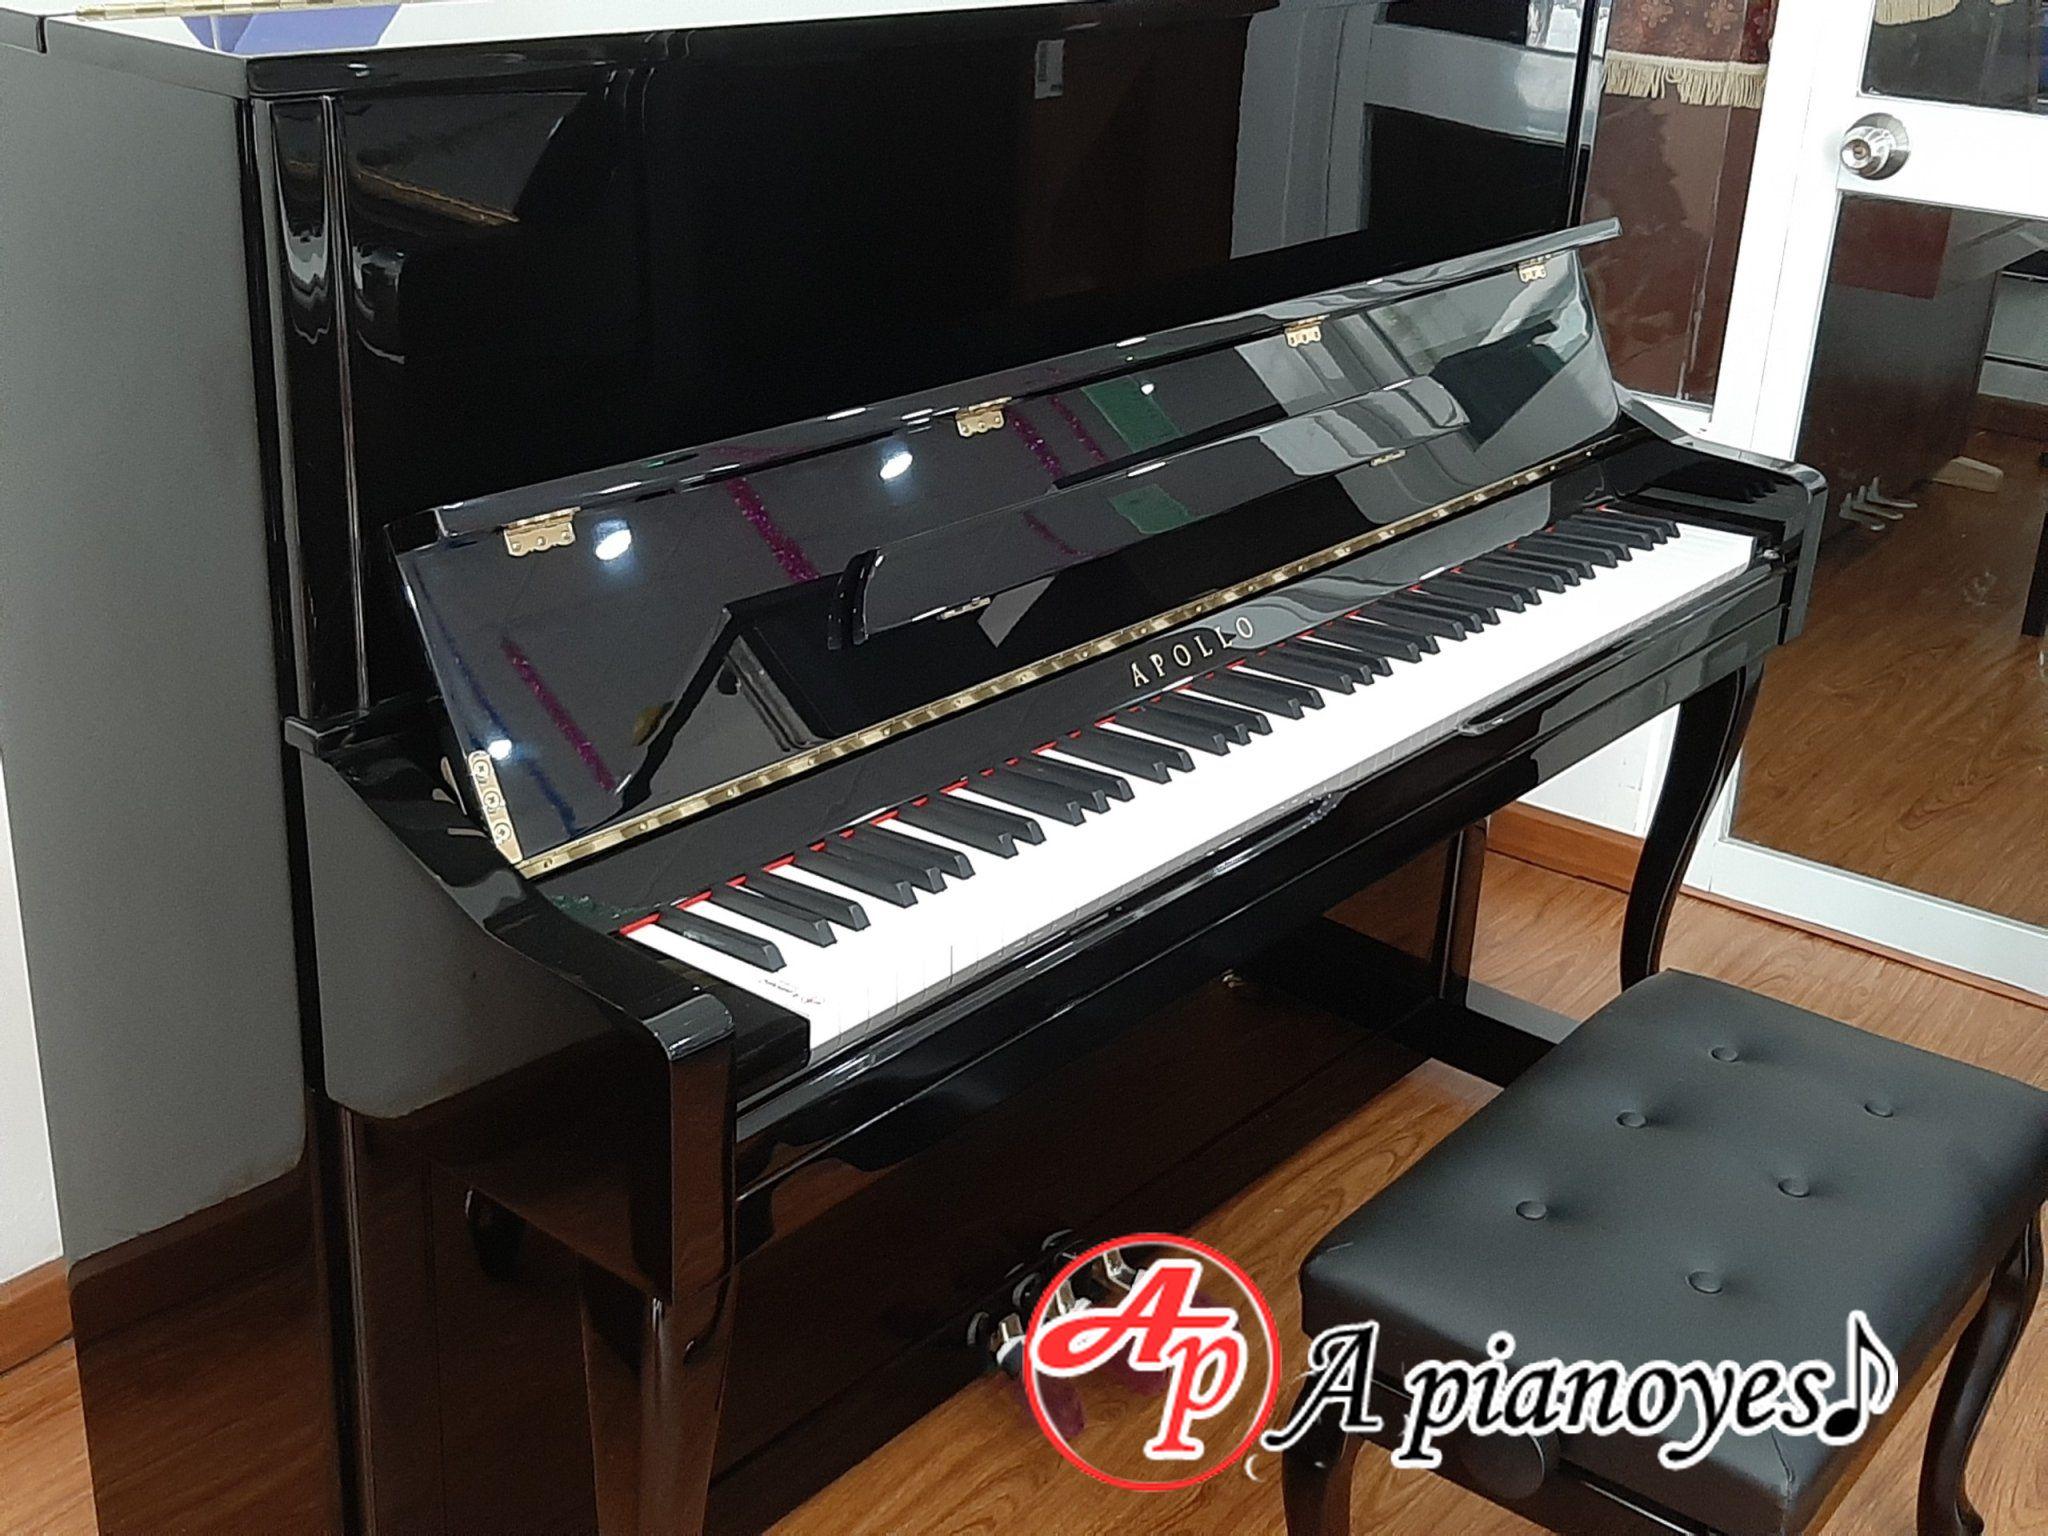 giá của một cây đàn piano